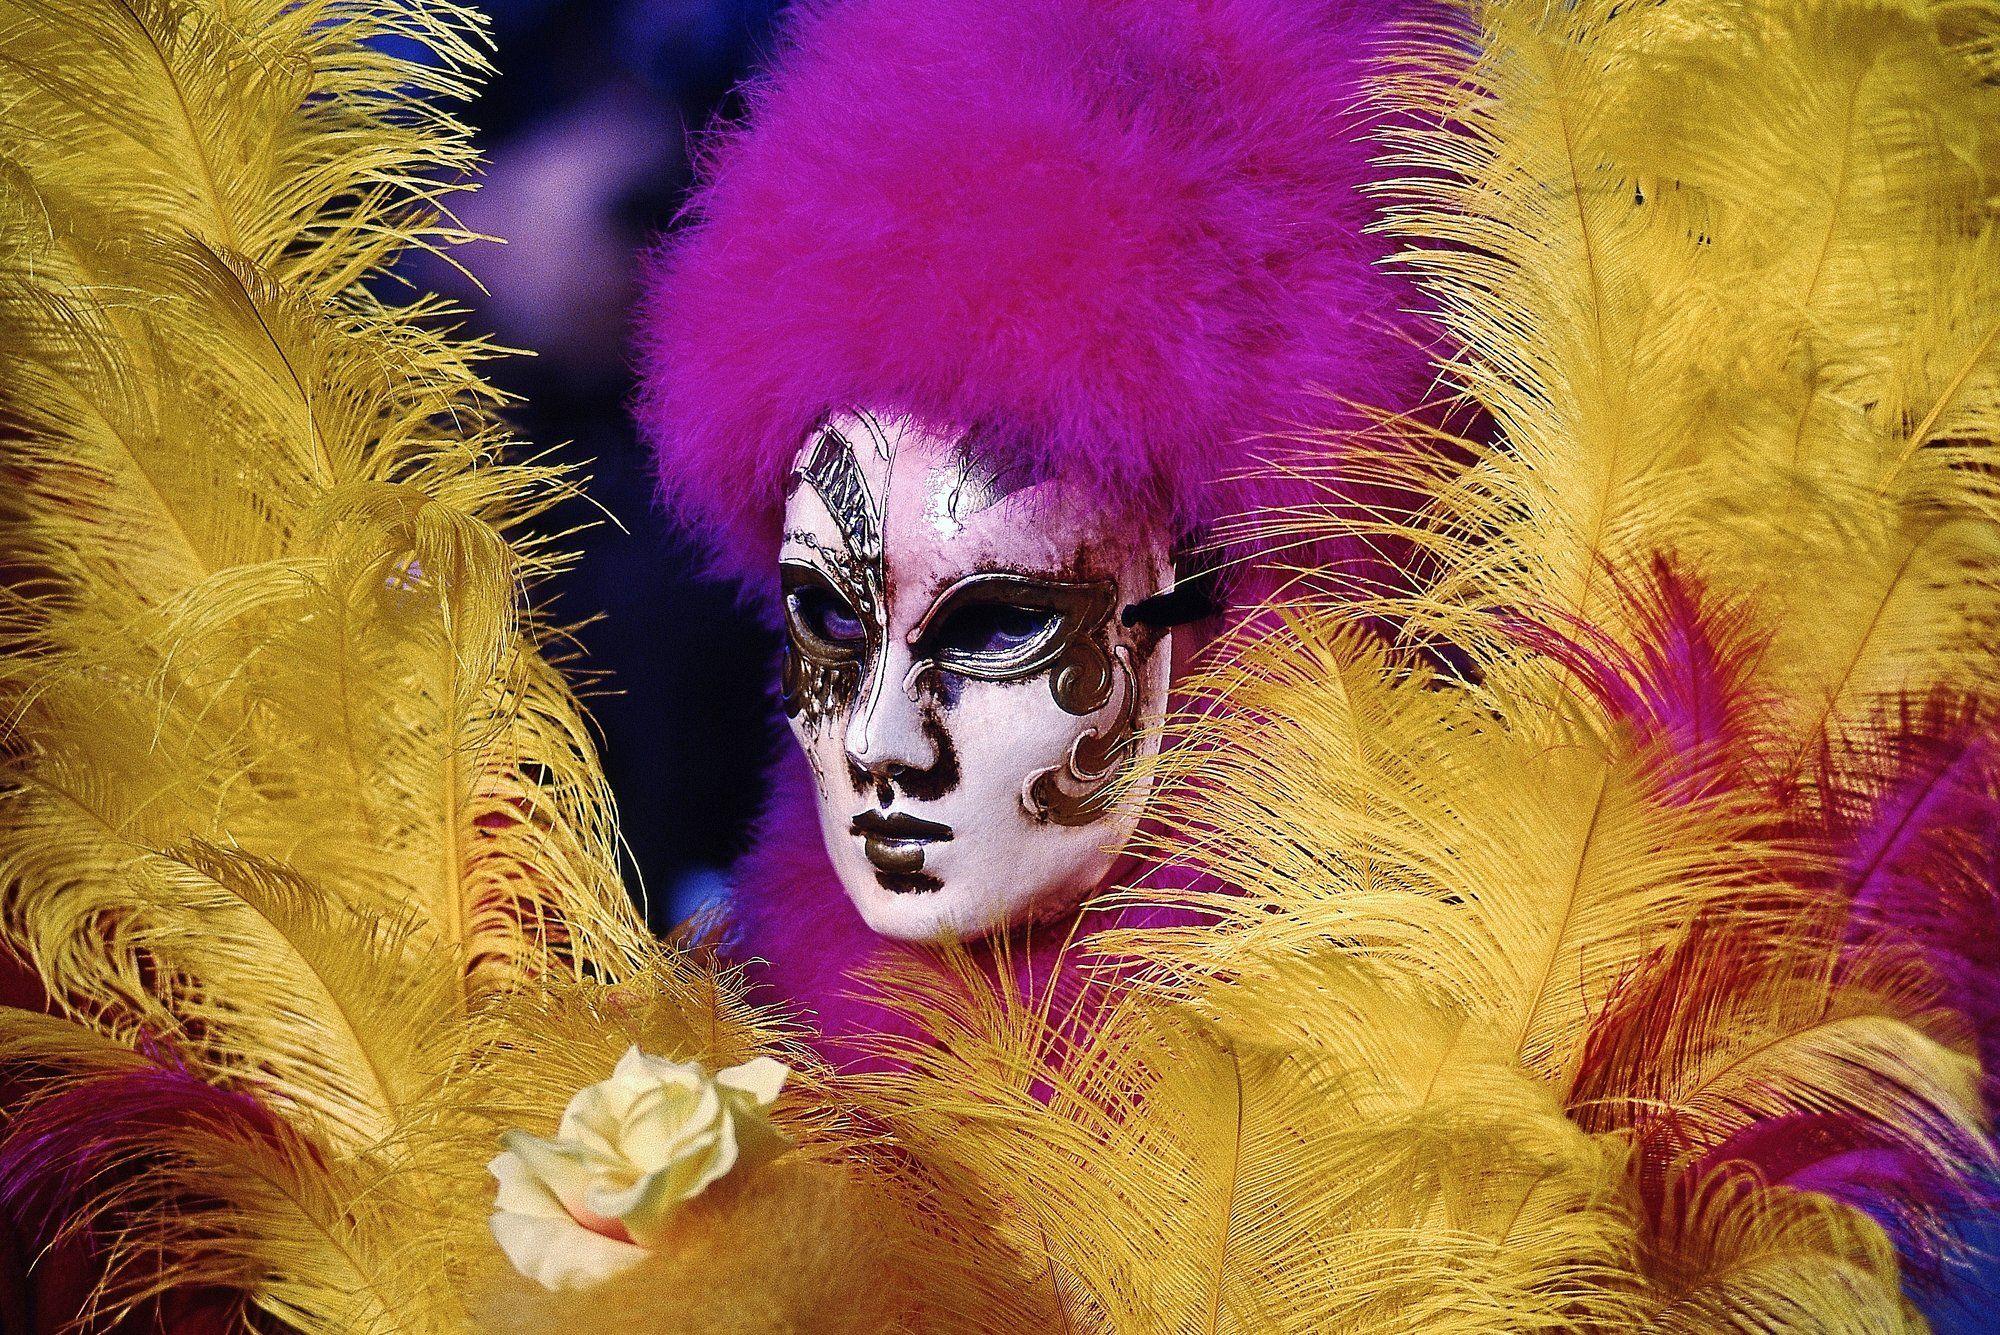 maschera,piume,ritratto,giallo,viola, paologr63